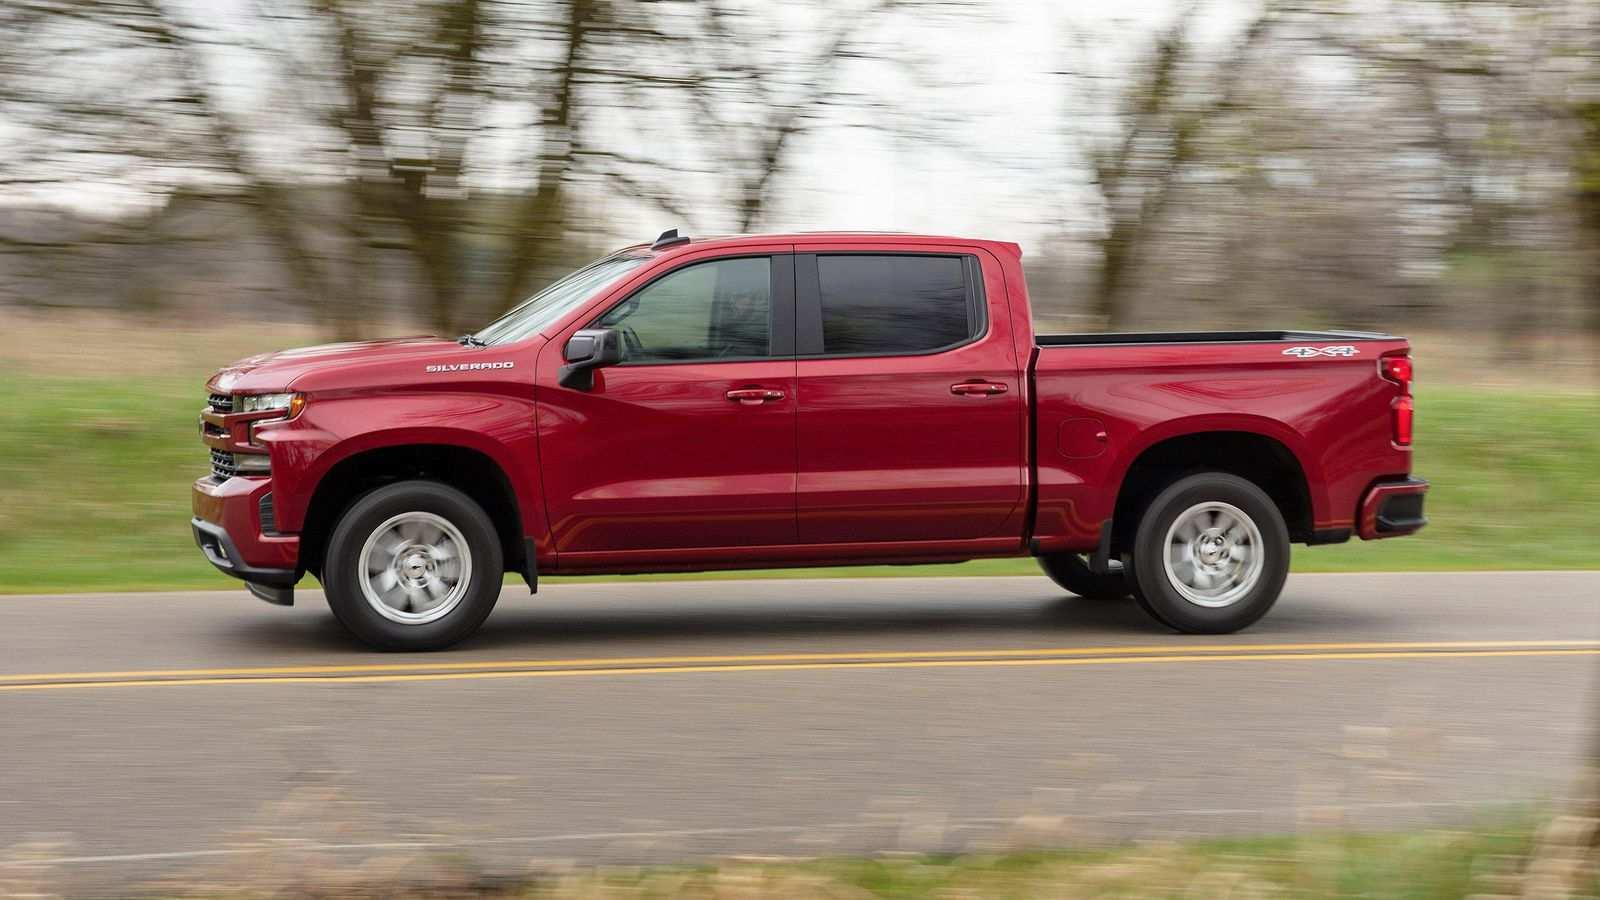 63 All New 2019 Chevrolet Silverado Release Date Exterior by 2019 Chevrolet Silverado Release Date